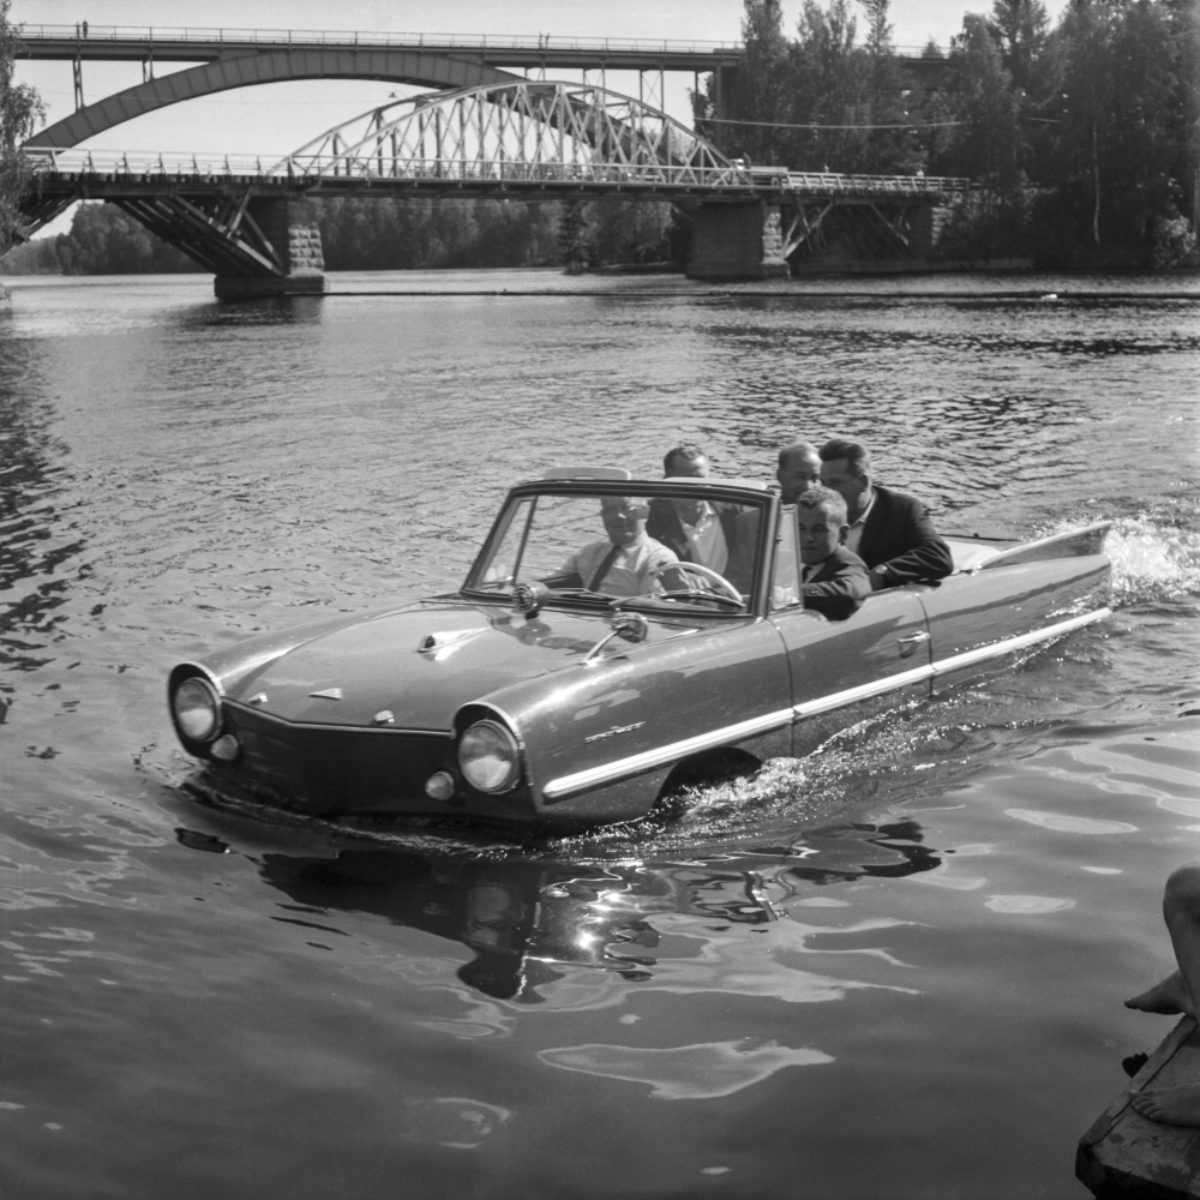 Vesiauto Jyrängön virralla Heinolassa 6.7.1963. Amphicarin nopeus vedessä oli 14 km/h, maantiellä 100 km/h. Kyydissäolijat säilyivät kuivina. Kuva: Itä-Häme / JOKA / Museovirasto